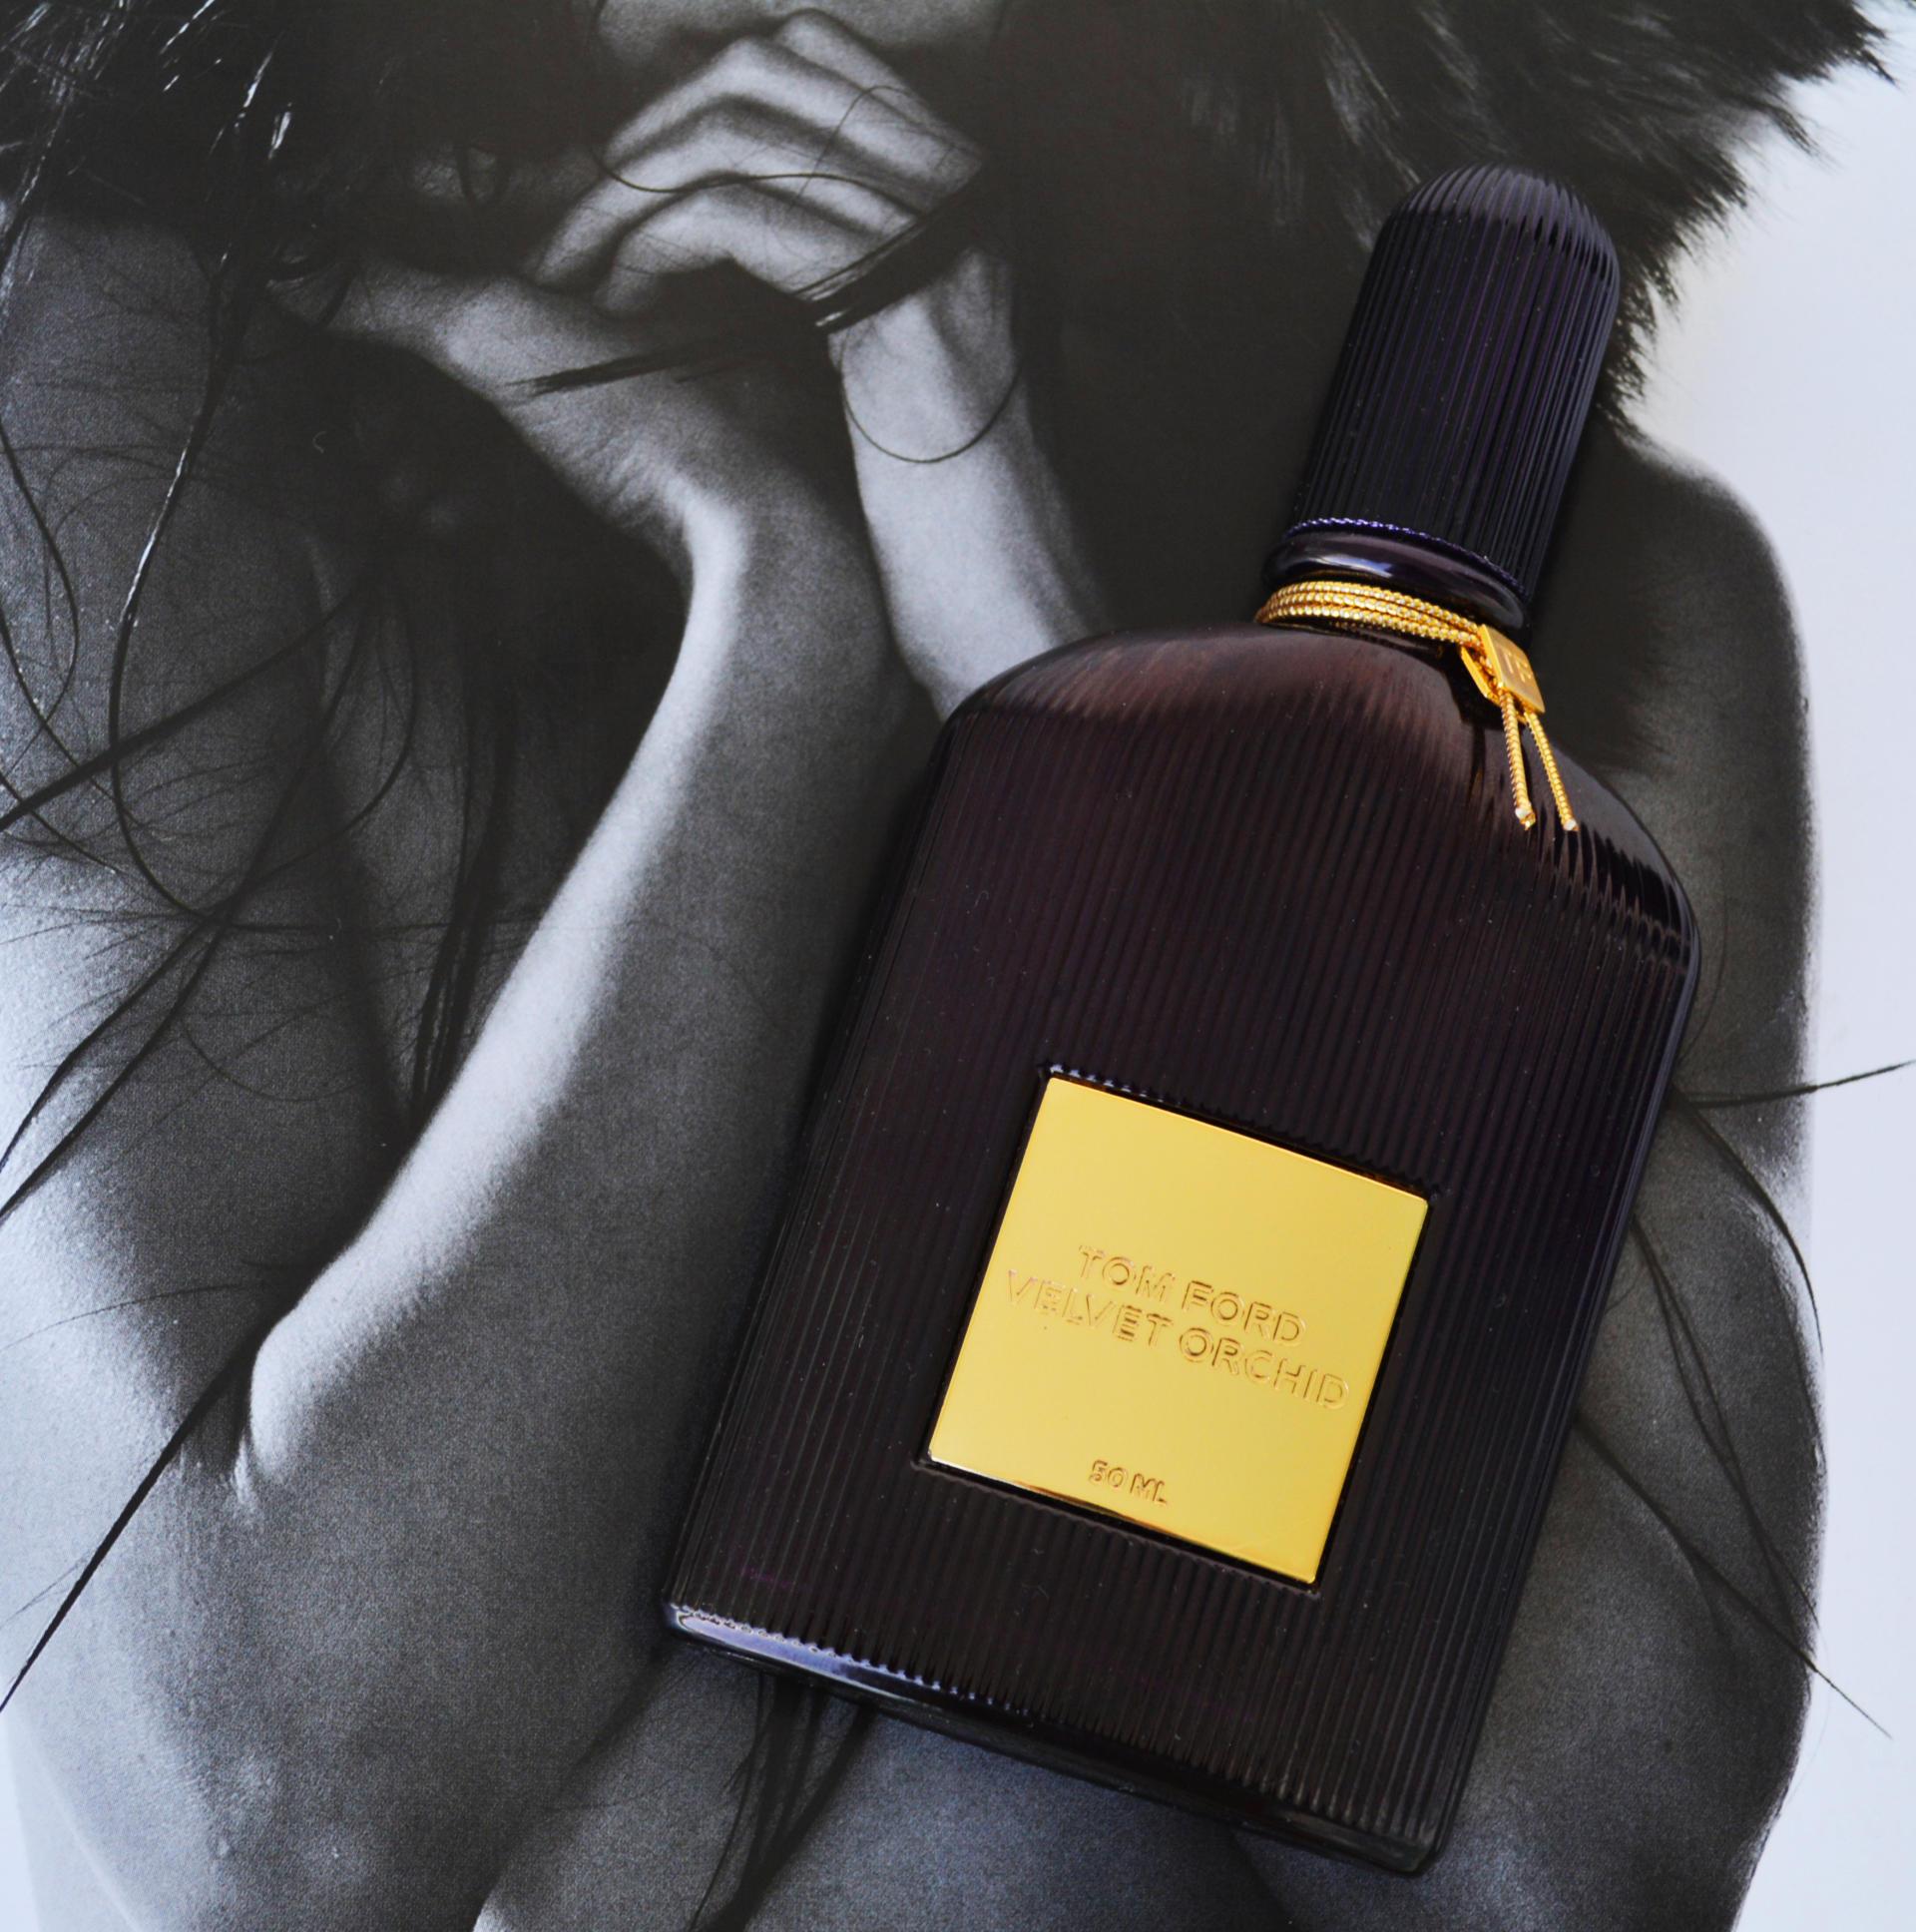 Tom Ford Velvet Orchid Perfume